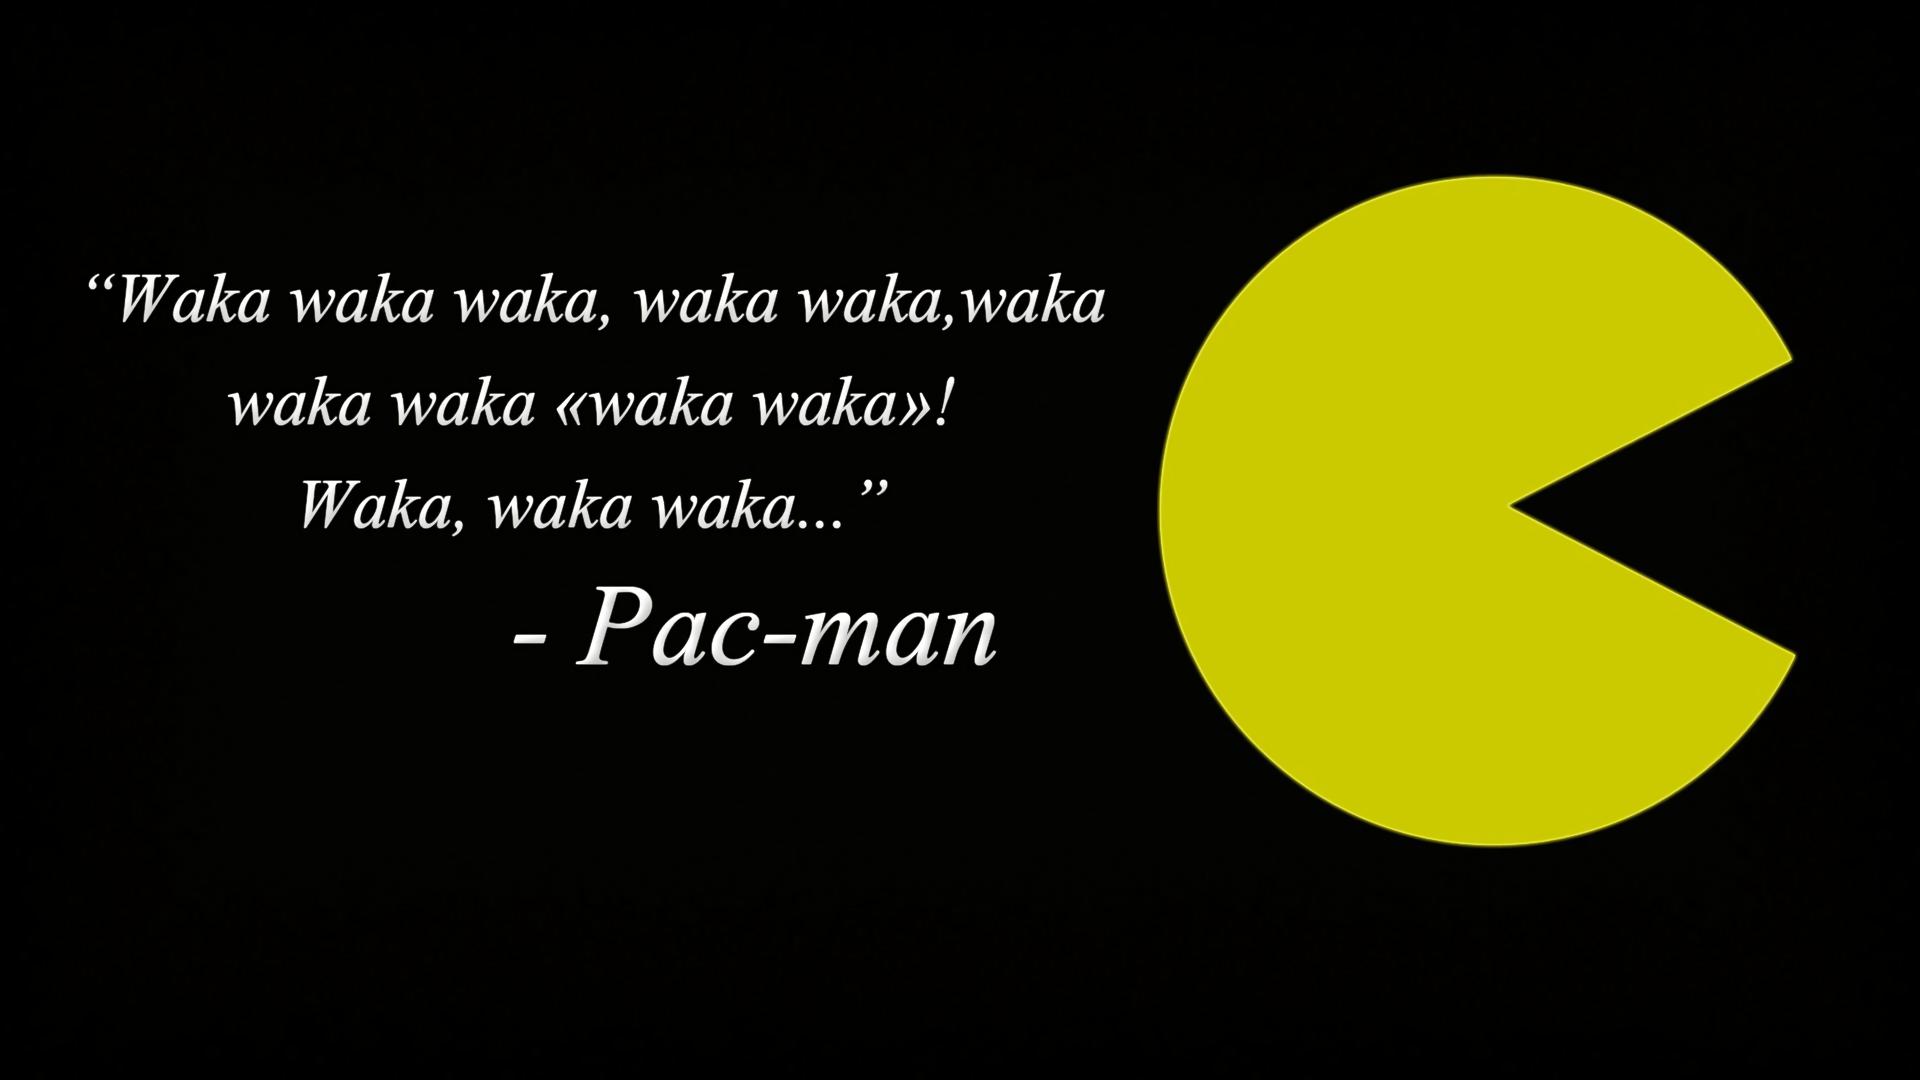 Video Game Pac Man 1920x1080